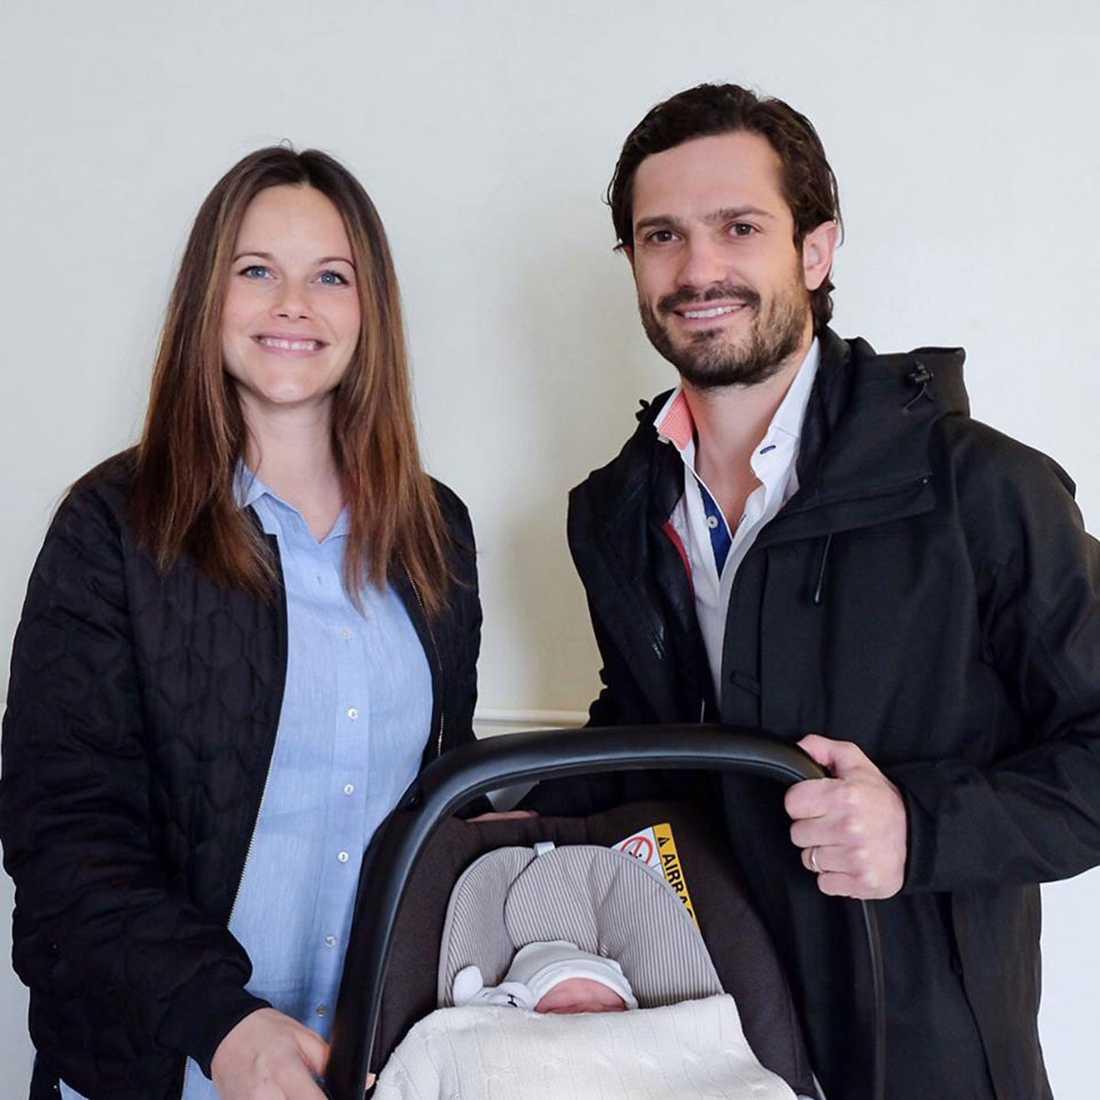 """""""Prinsfamiljen har nu lämnat sjukhuset och är hemma på Drottningholms slott. Alla mår bra och ser fram emot tiden tillsammans"""", skriver kungahuset på sin Facebook-sida."""